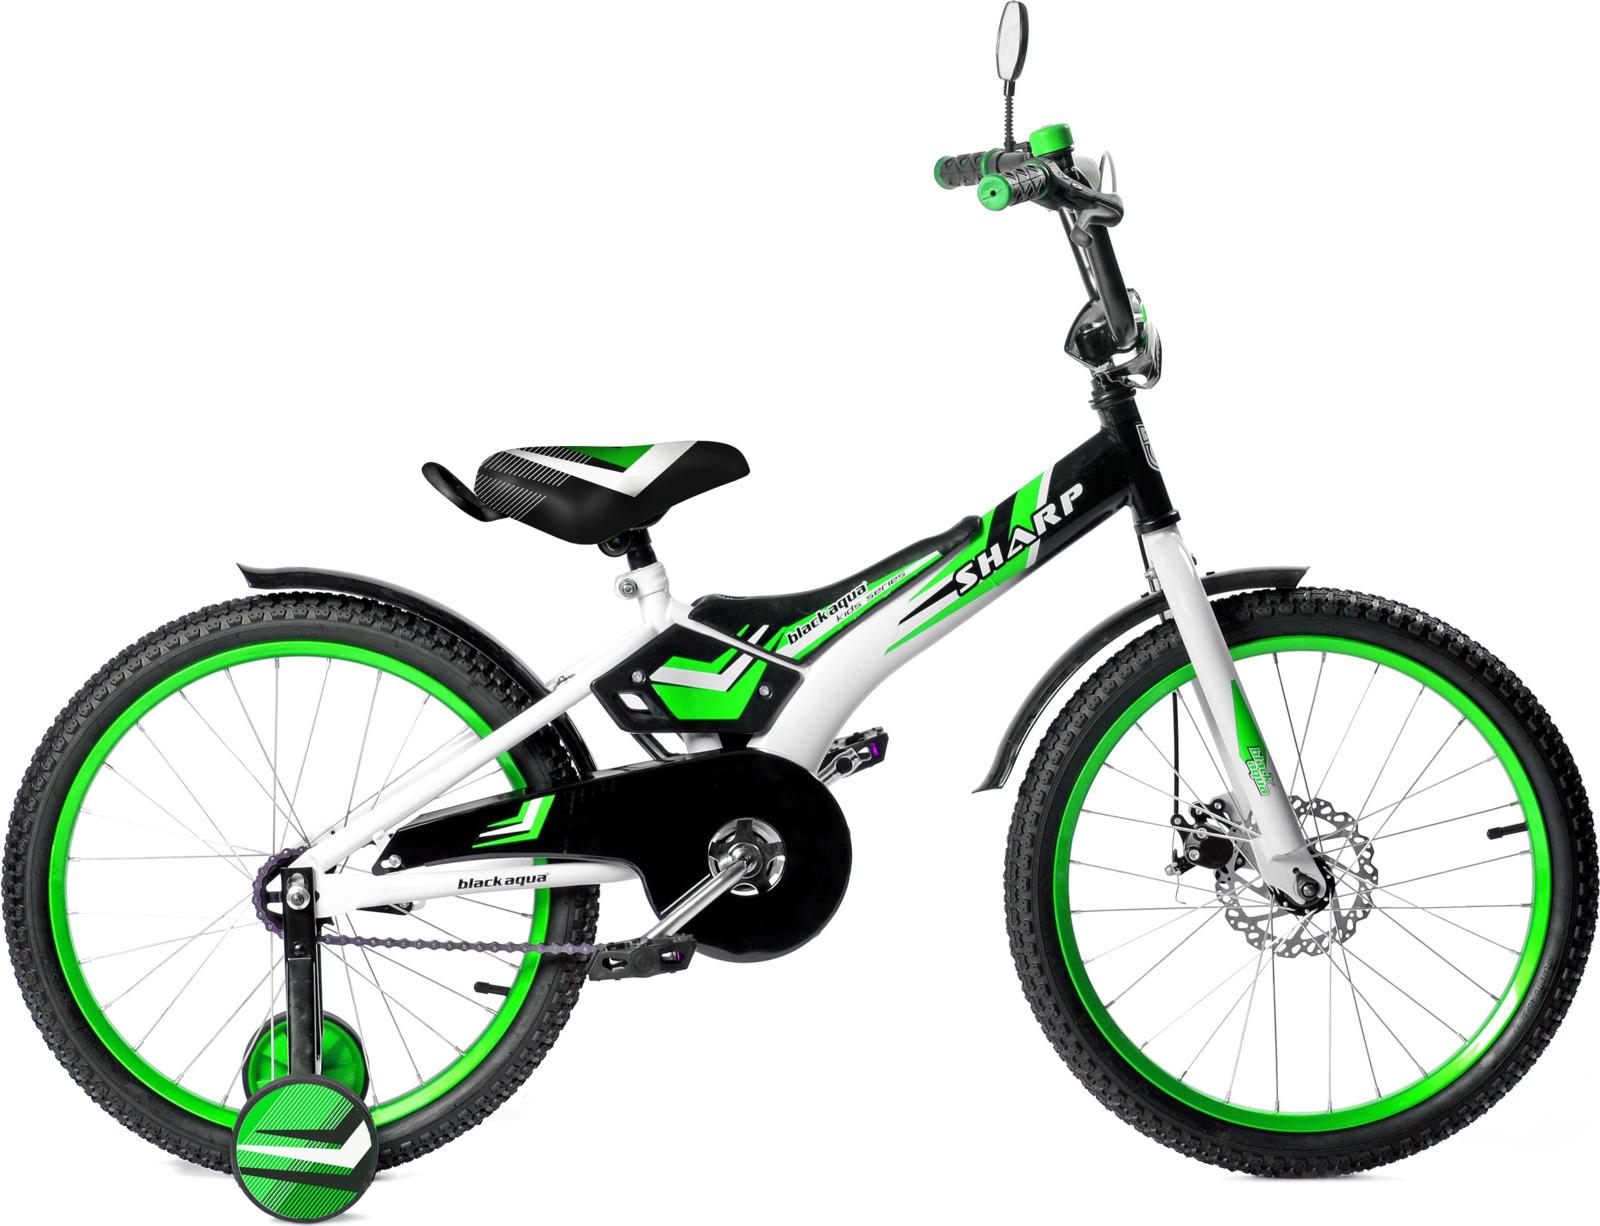 Велосипед детский Black Aqua Sharp, KG1210, со светящимися колесами, колесо 12, зеленый